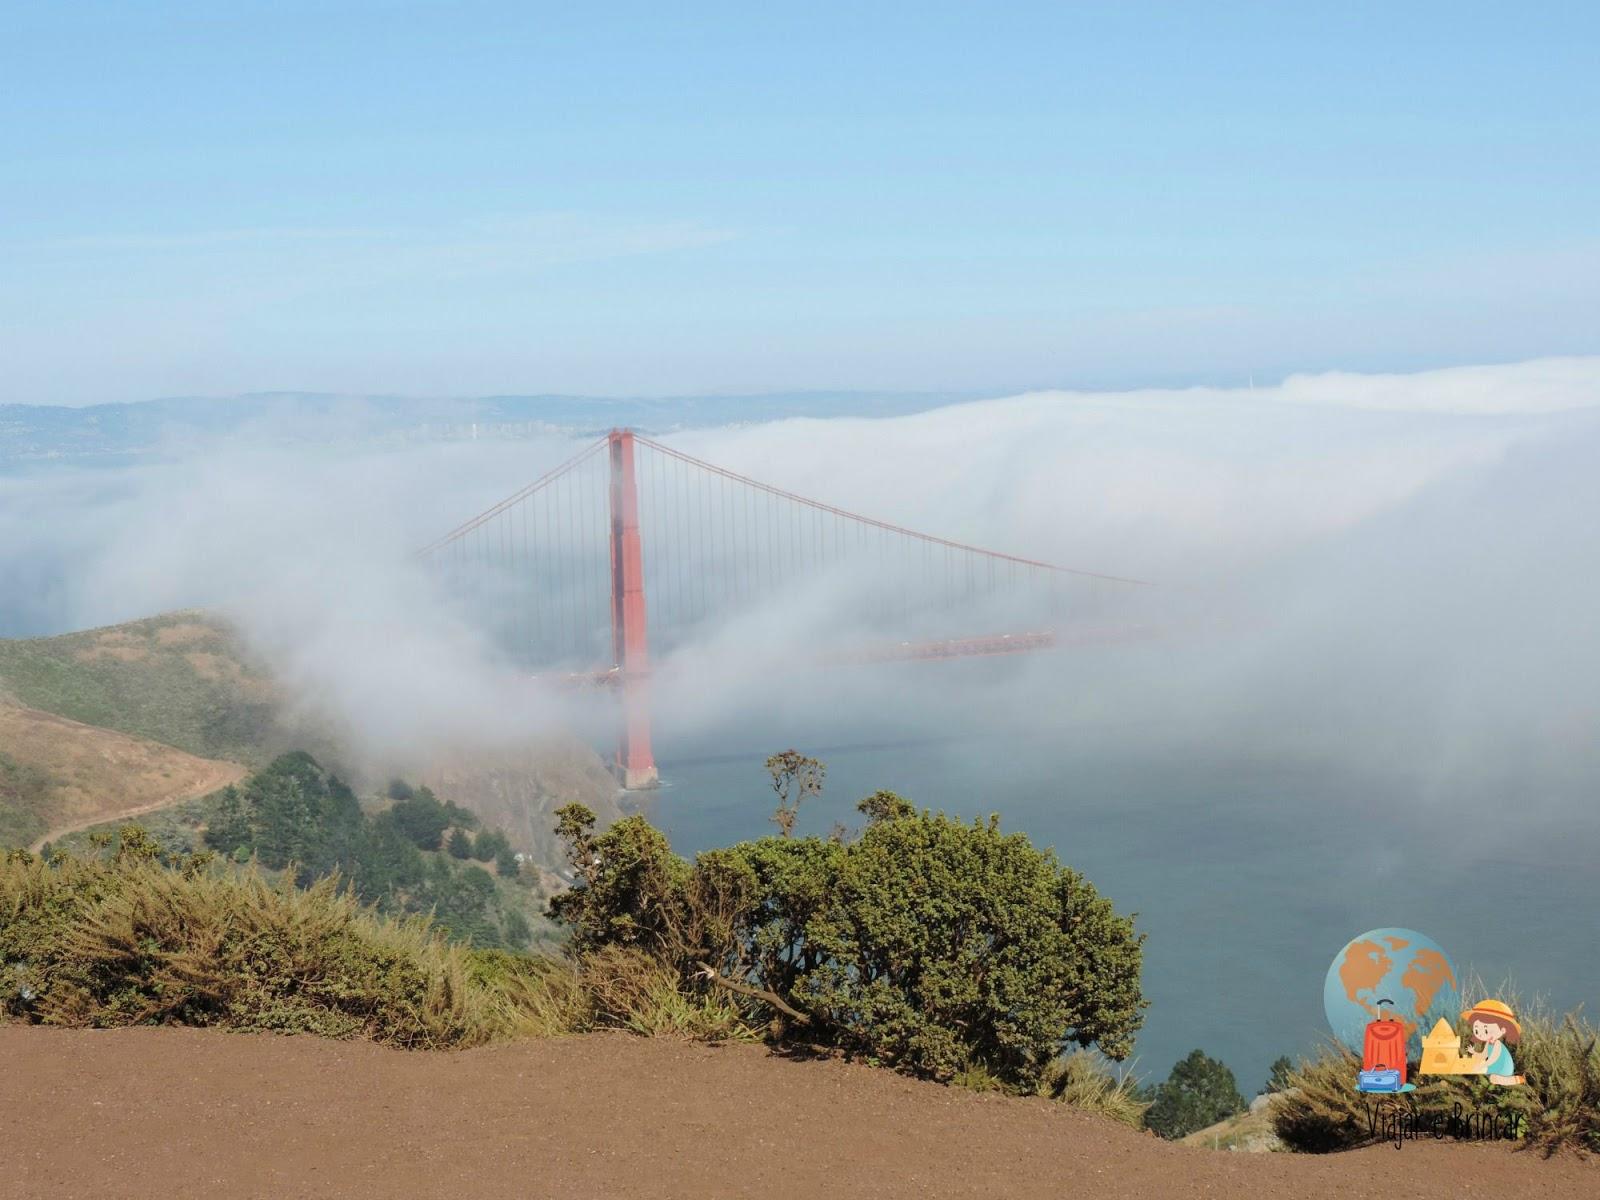 Golden Gate em São Francisco